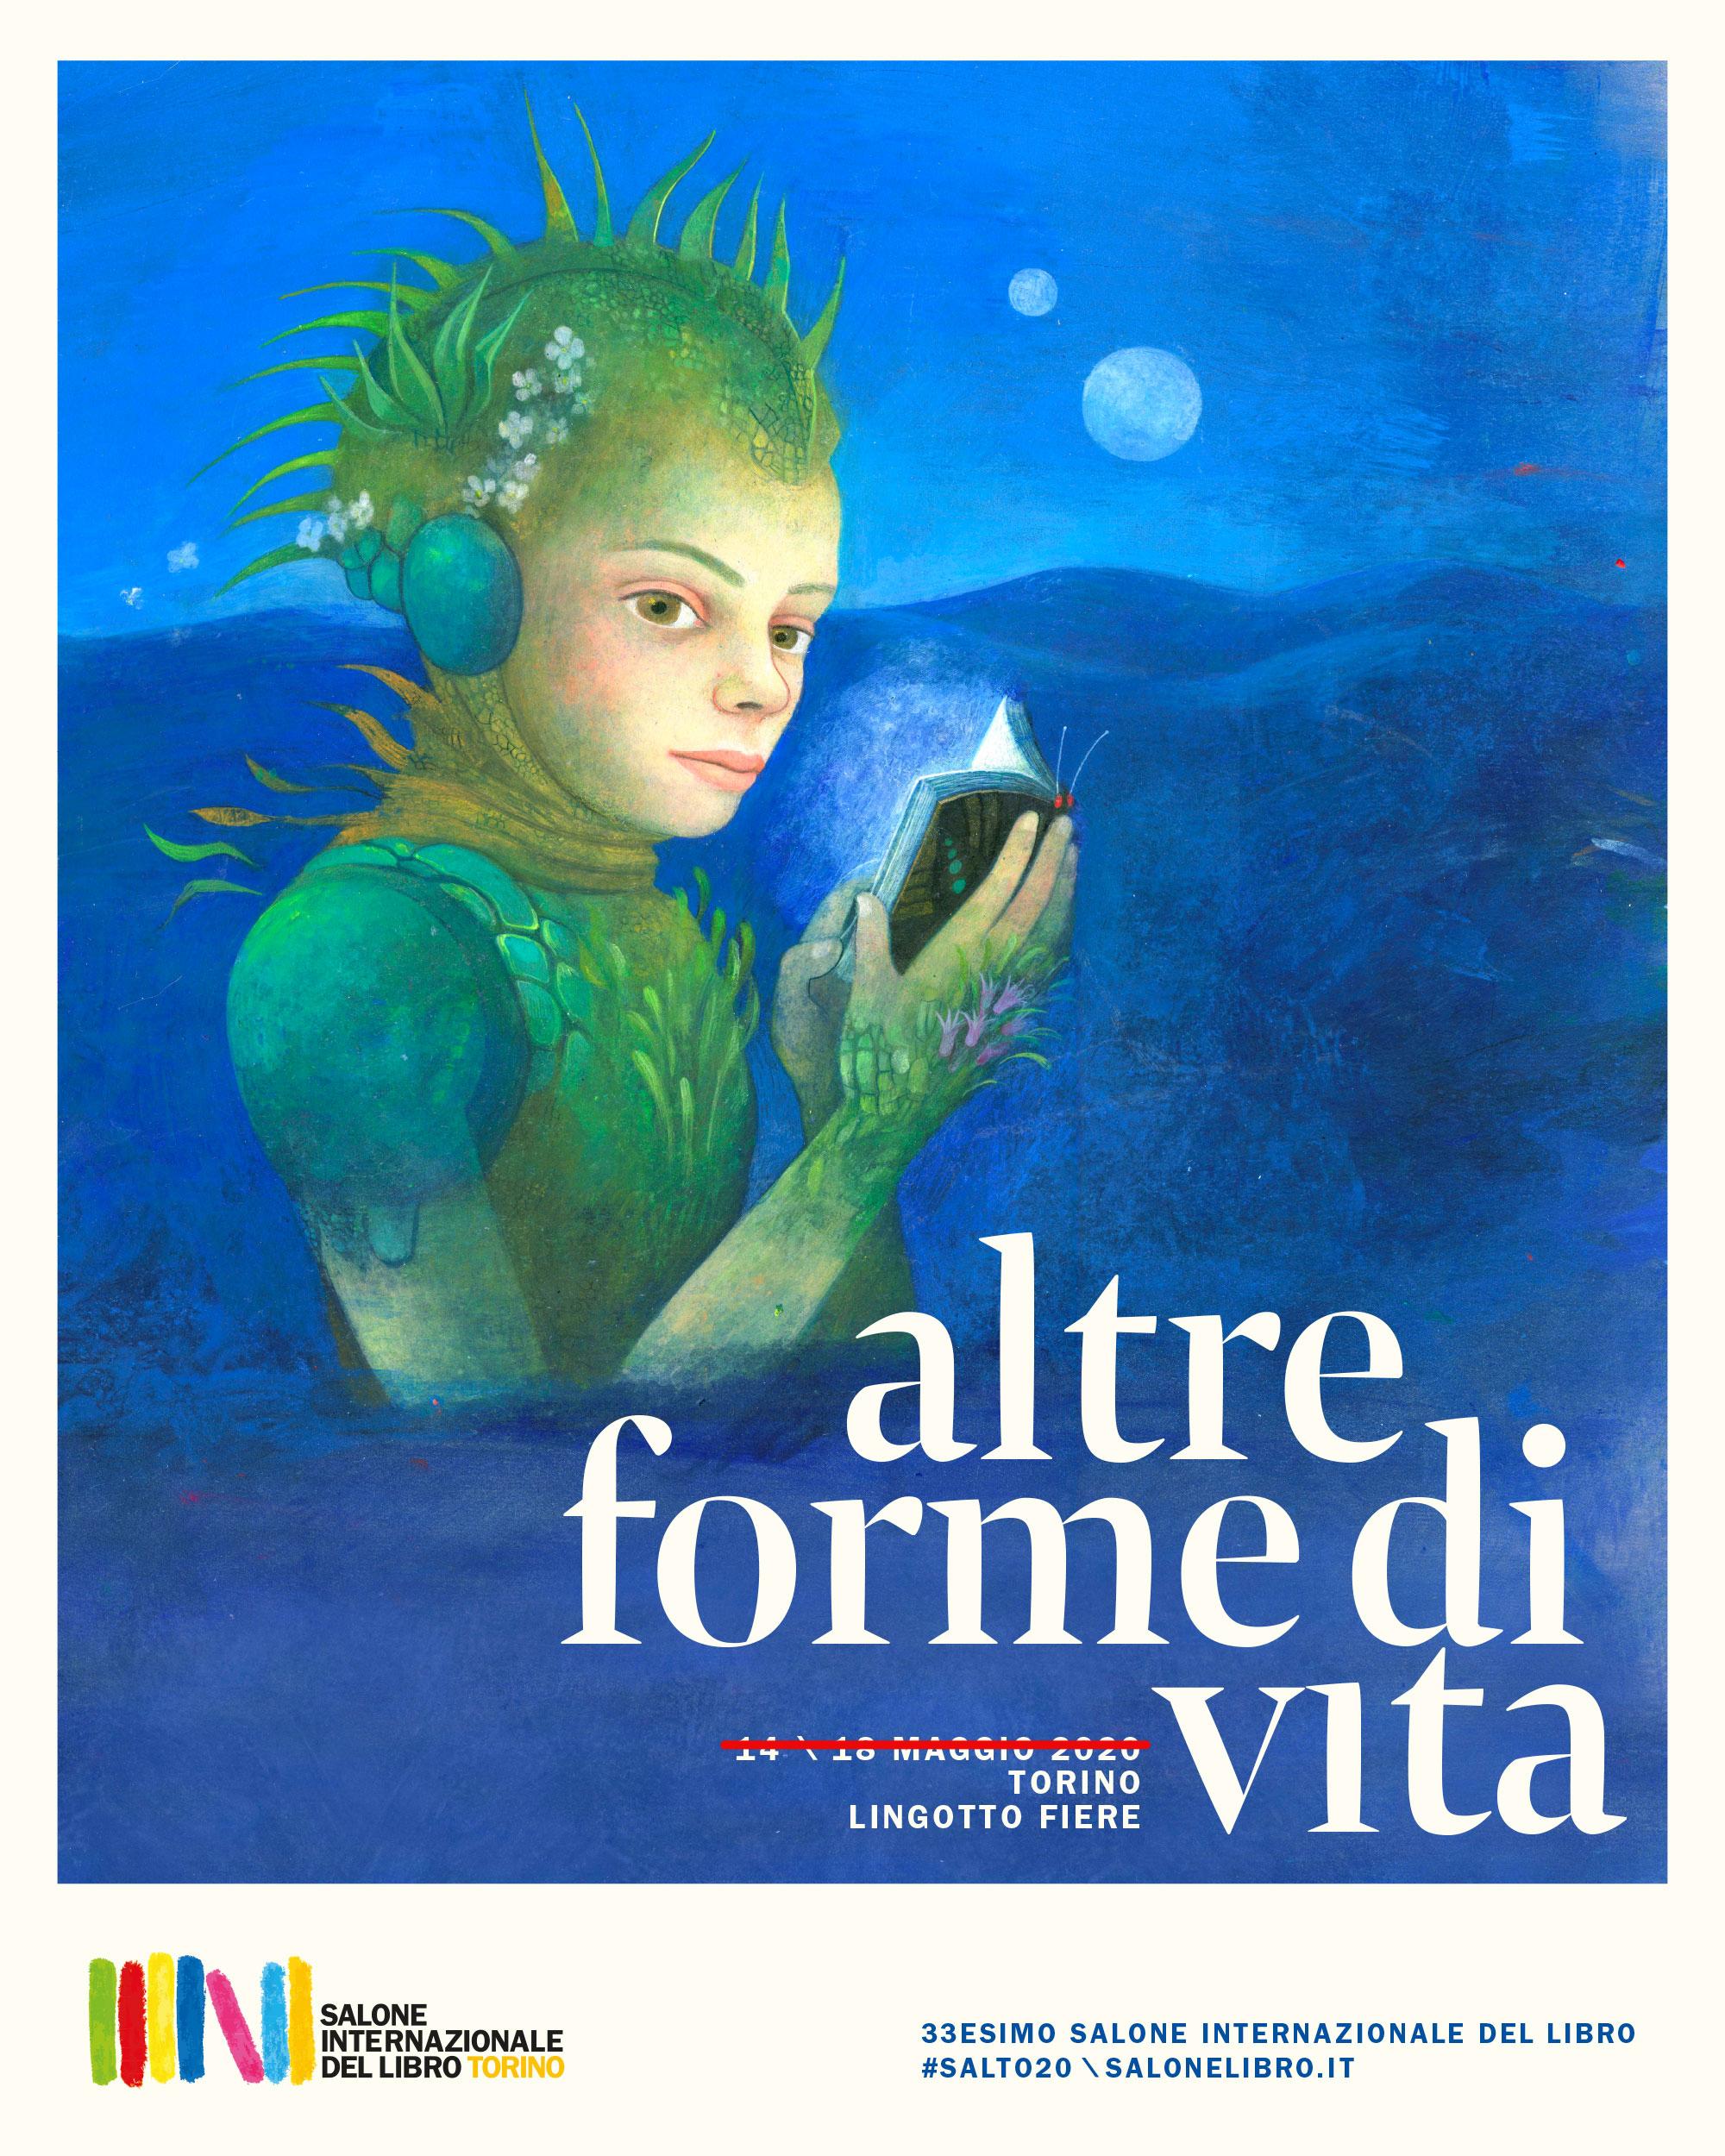 Rinviato anche il Salone del Libro di Torino. Era previsto a maggio